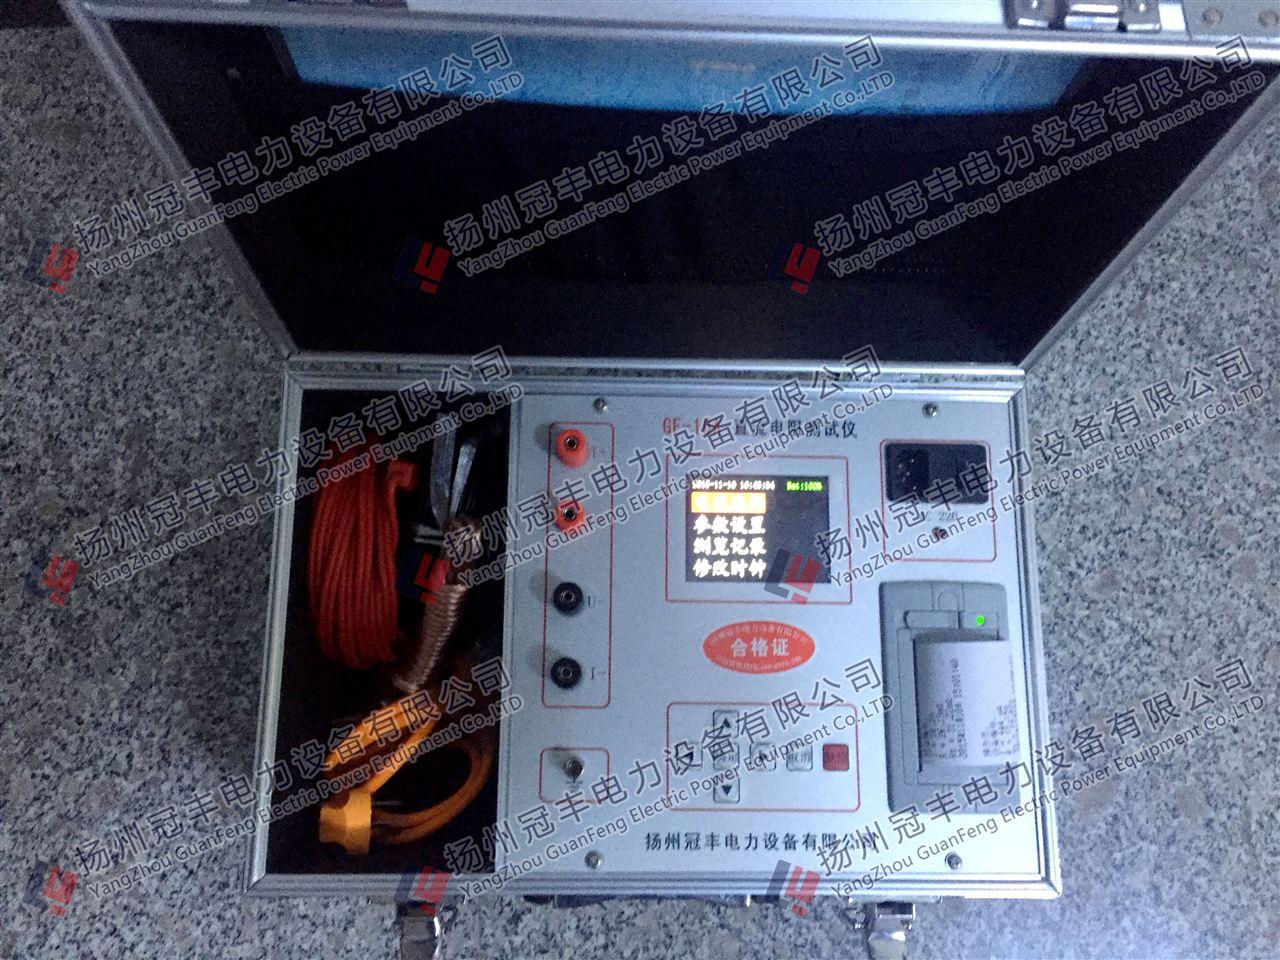 直流电阻测试仪一次性接线可完成变压器的全部直流电阻测量